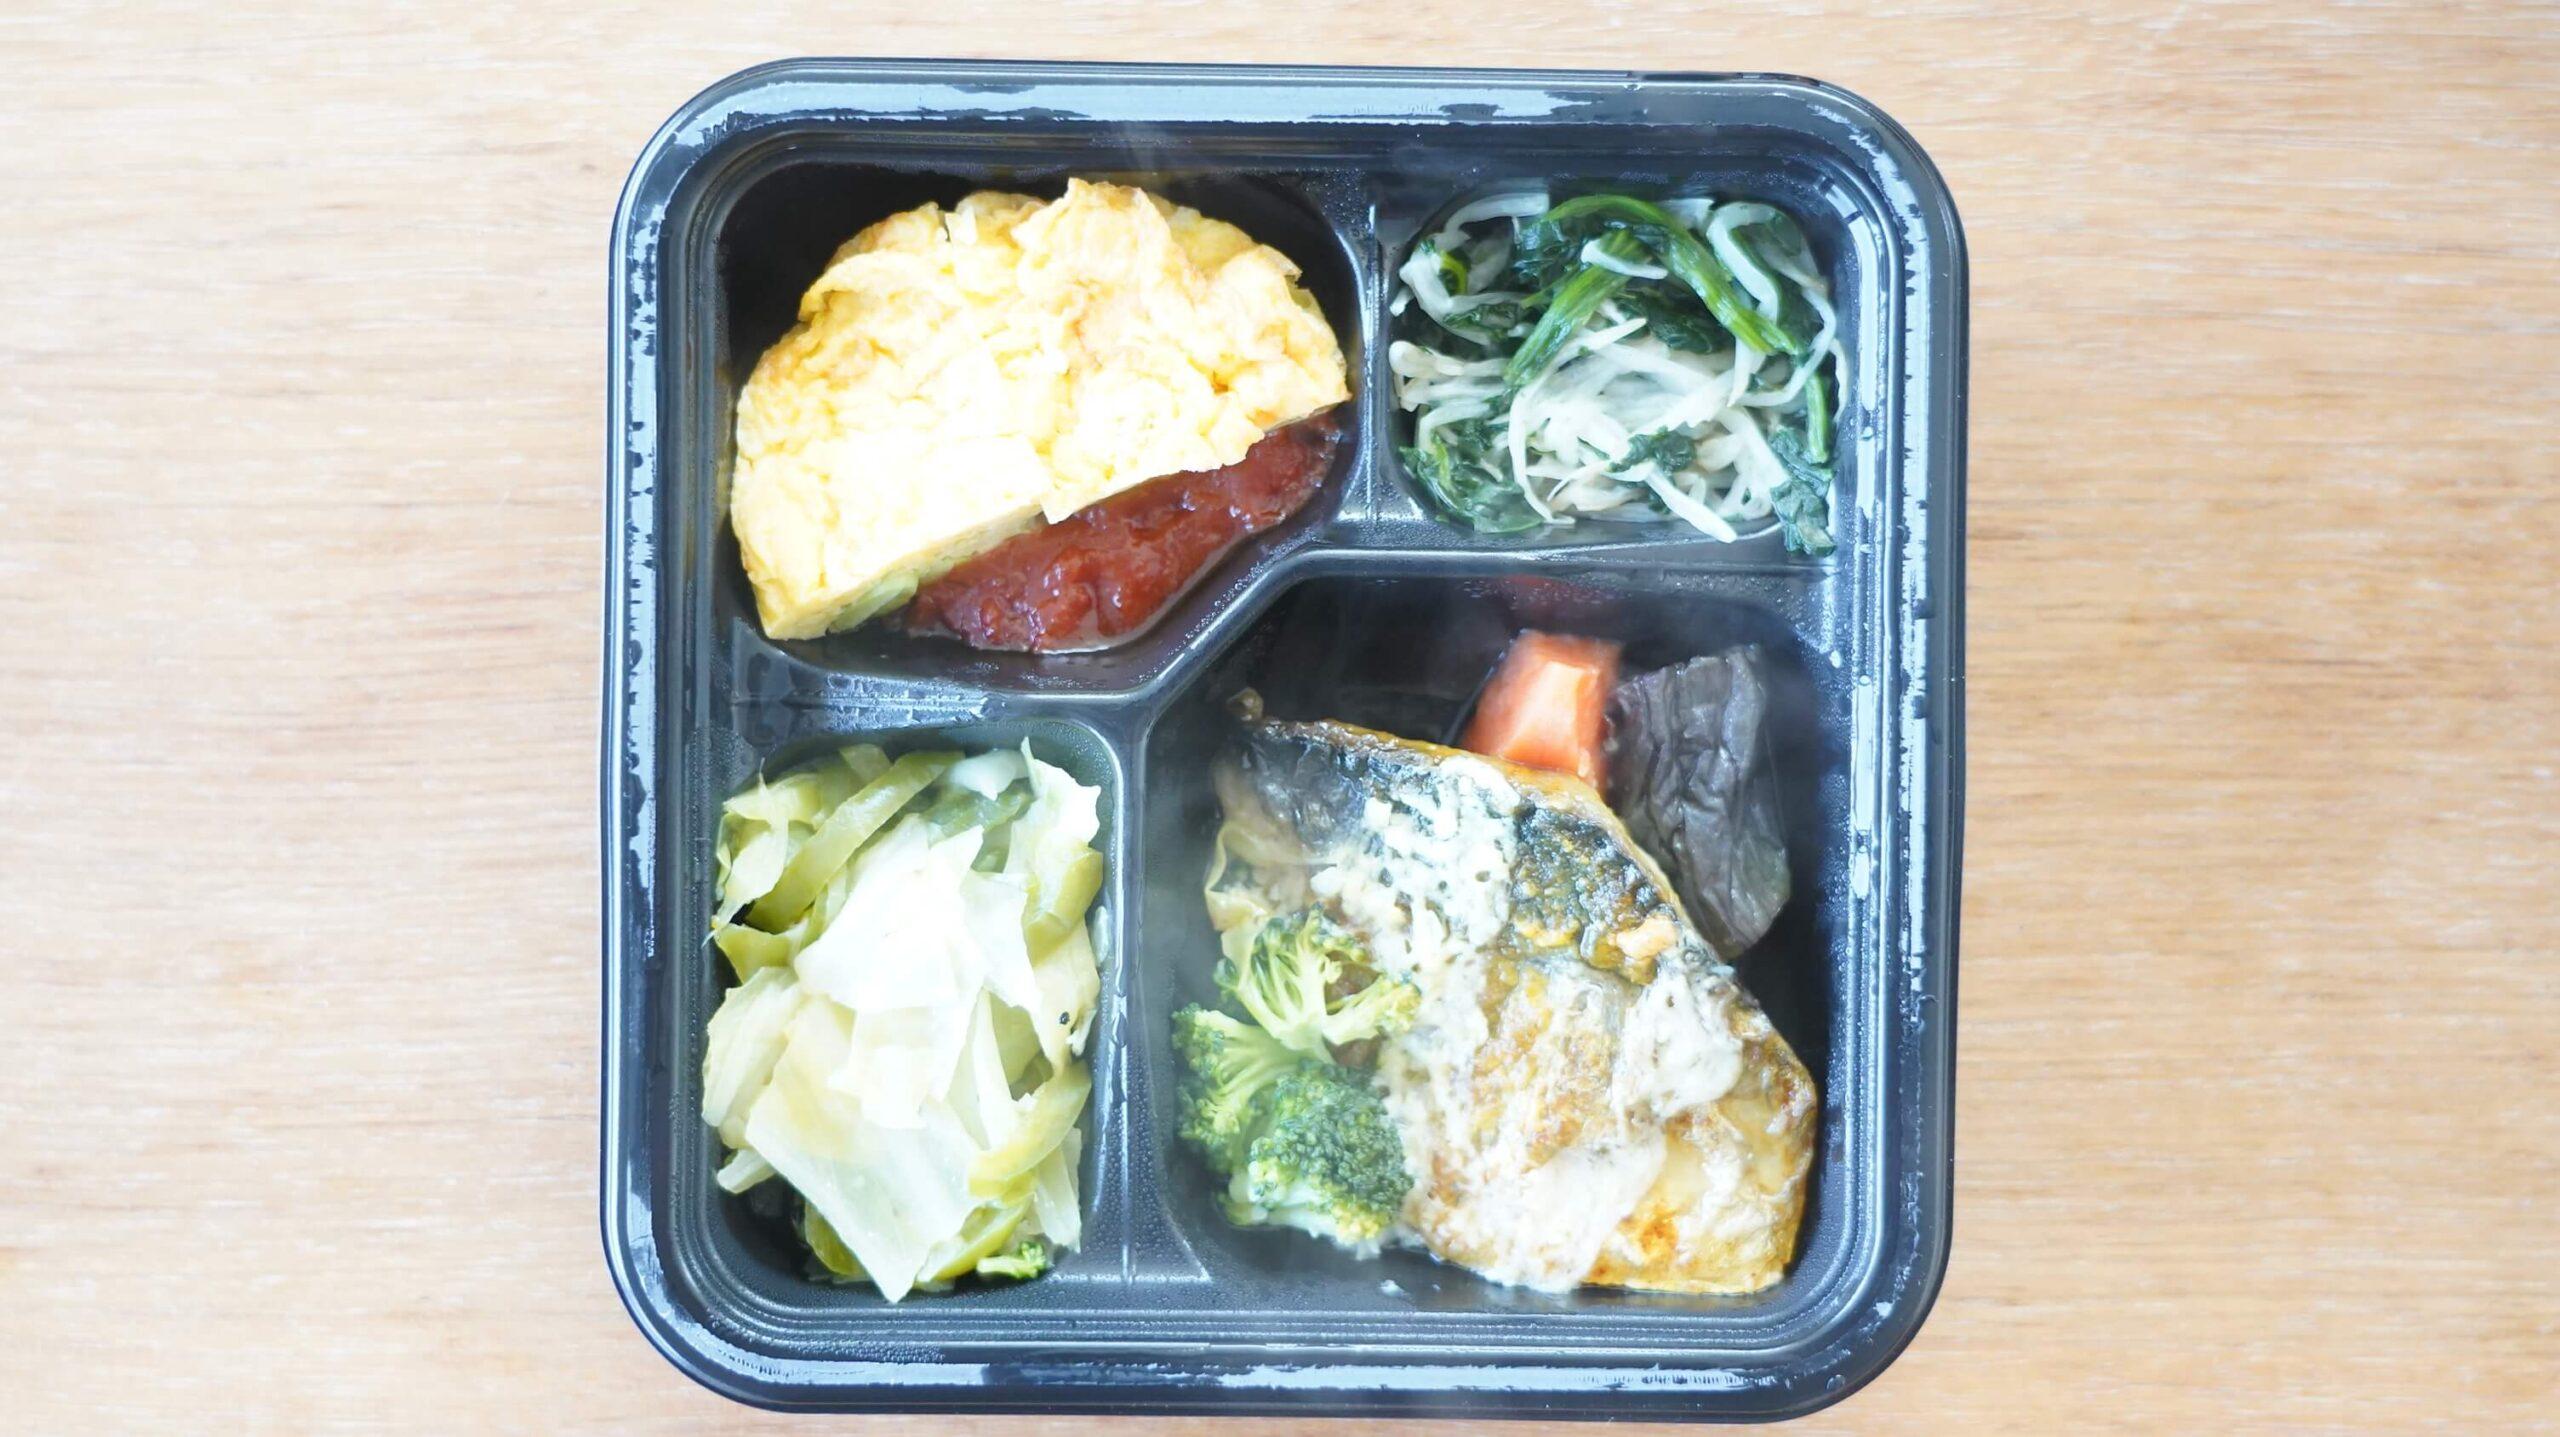 ライザップ(RIZAP)で食事制限してダイエットする際に使う宅食用ボディメイク冷凍弁当「サポートミール」(健康食品)の「サバのカレームニエル」の写真